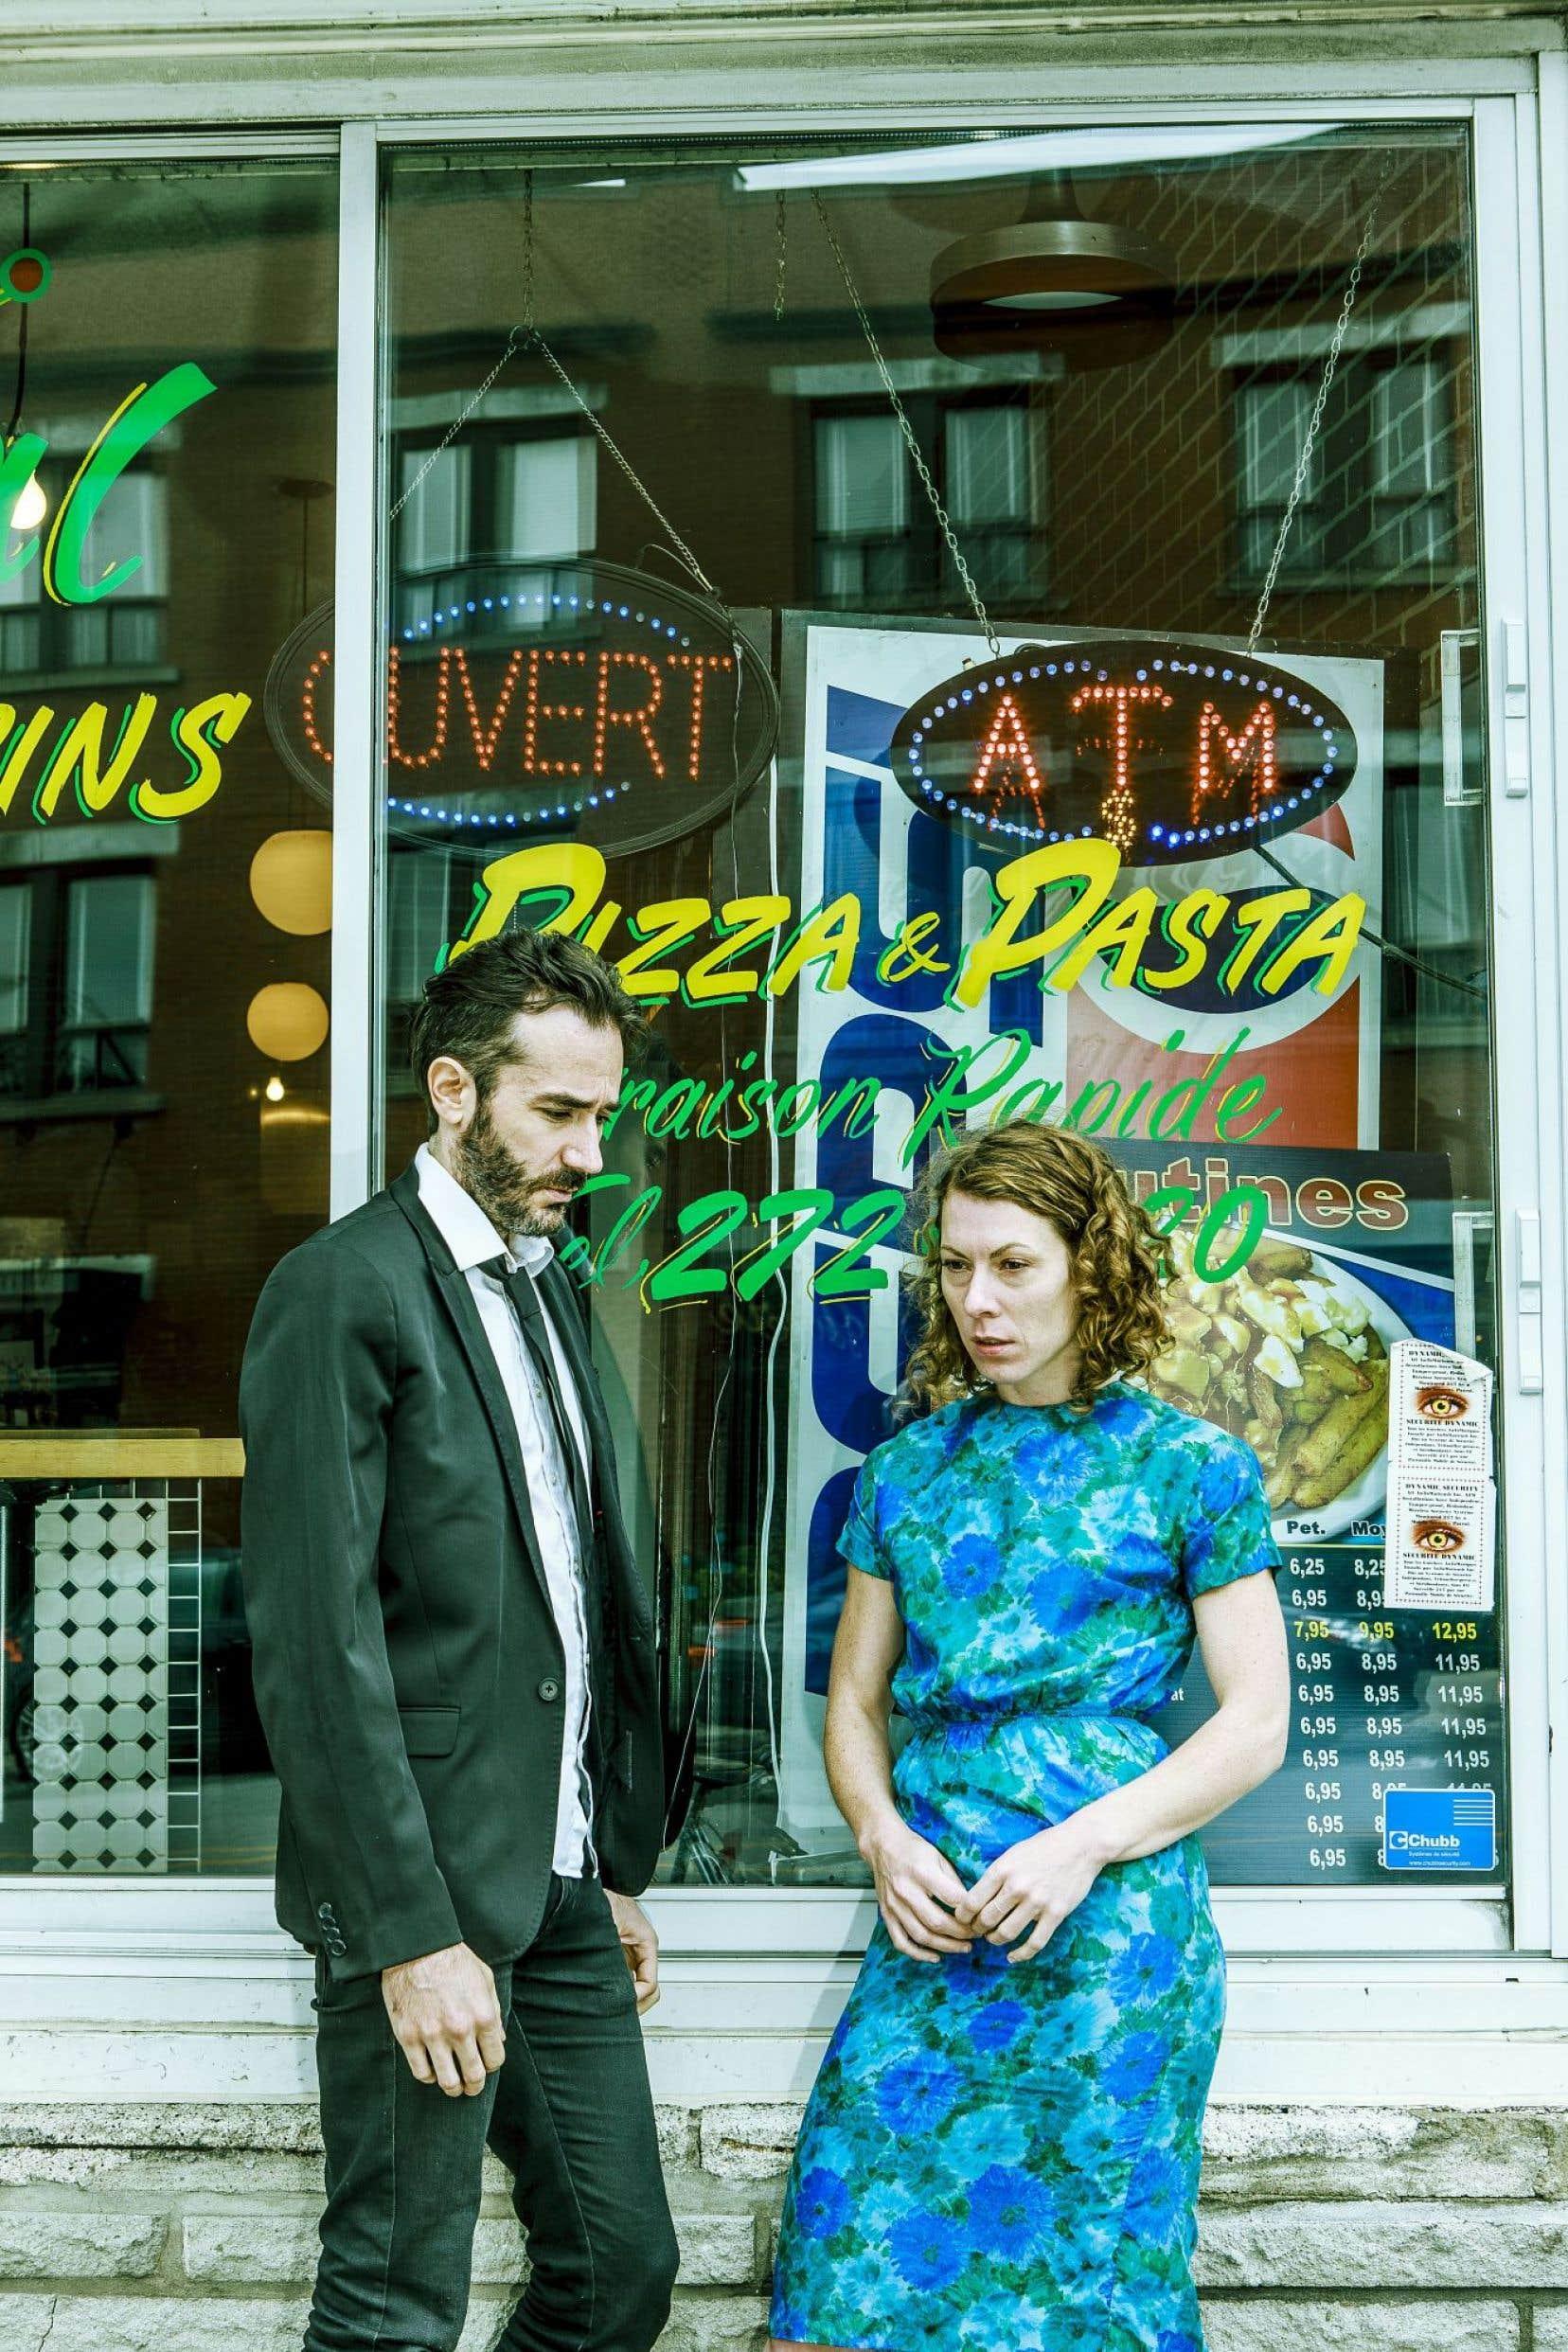 Tout en étant plus serein, le nouveau duo de Frédérick Gravel traite aussi du thème de l'échec.